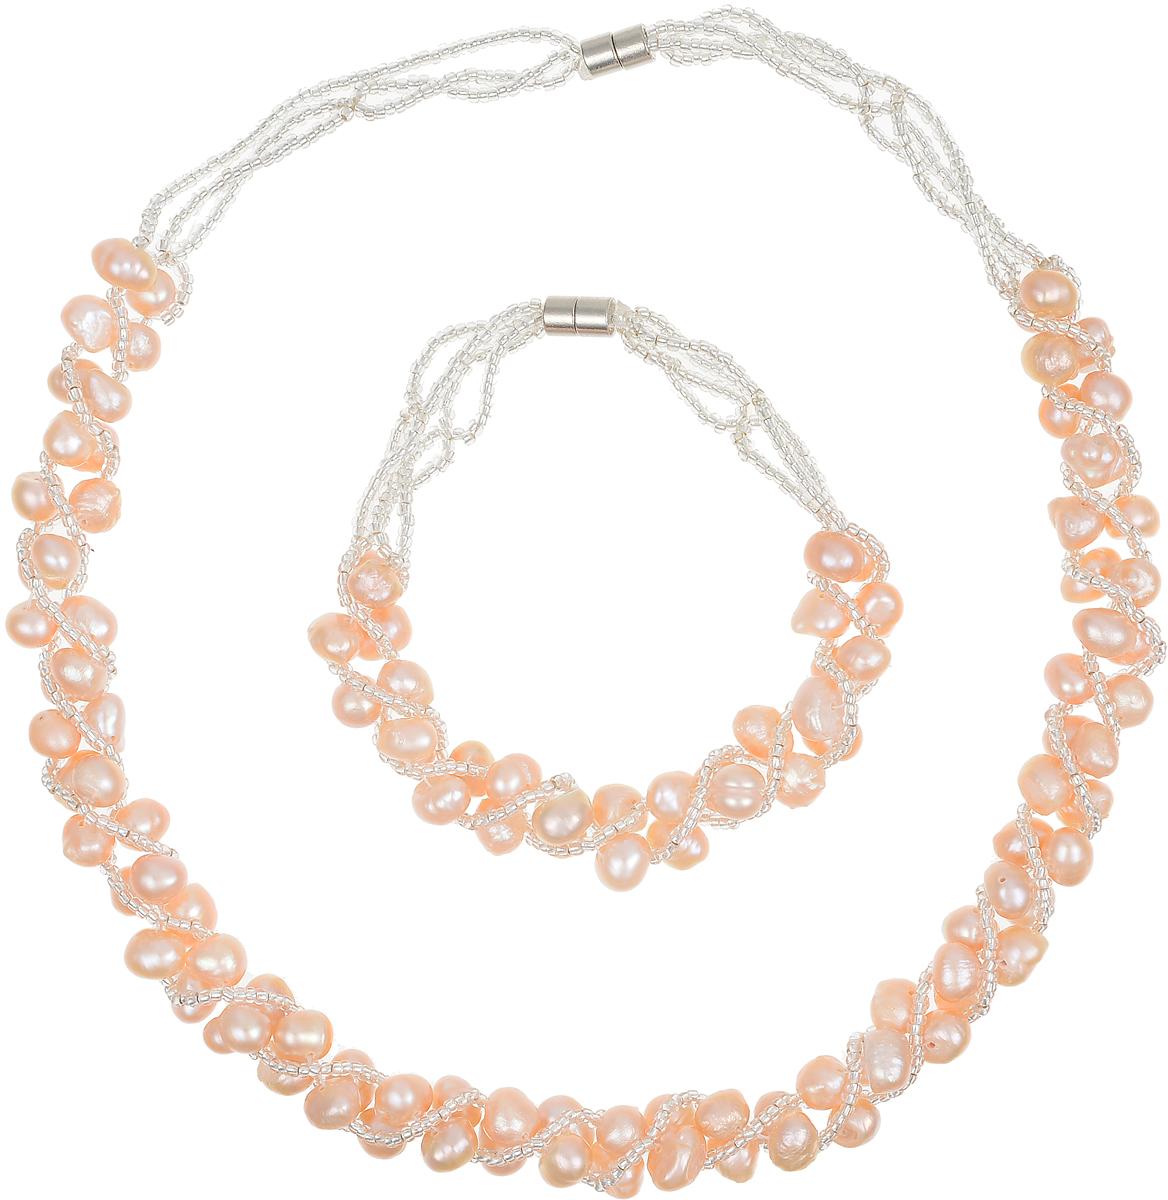 Комплект бижутерии Art-Silver: ожерелье, браслет, цвет: персиковый. N064-605N064-605Великолепный комплект бижутерии Art-Silver состоит из оригинального ожерелья и браслета. Изделия выполнены из бижутерного сплава, жемчуга и бисера. Ожерелье оформлено бусинами, застегивается на магнитный замок. Браслет так же оформлен бусинами и застегивается на магнитный замок.